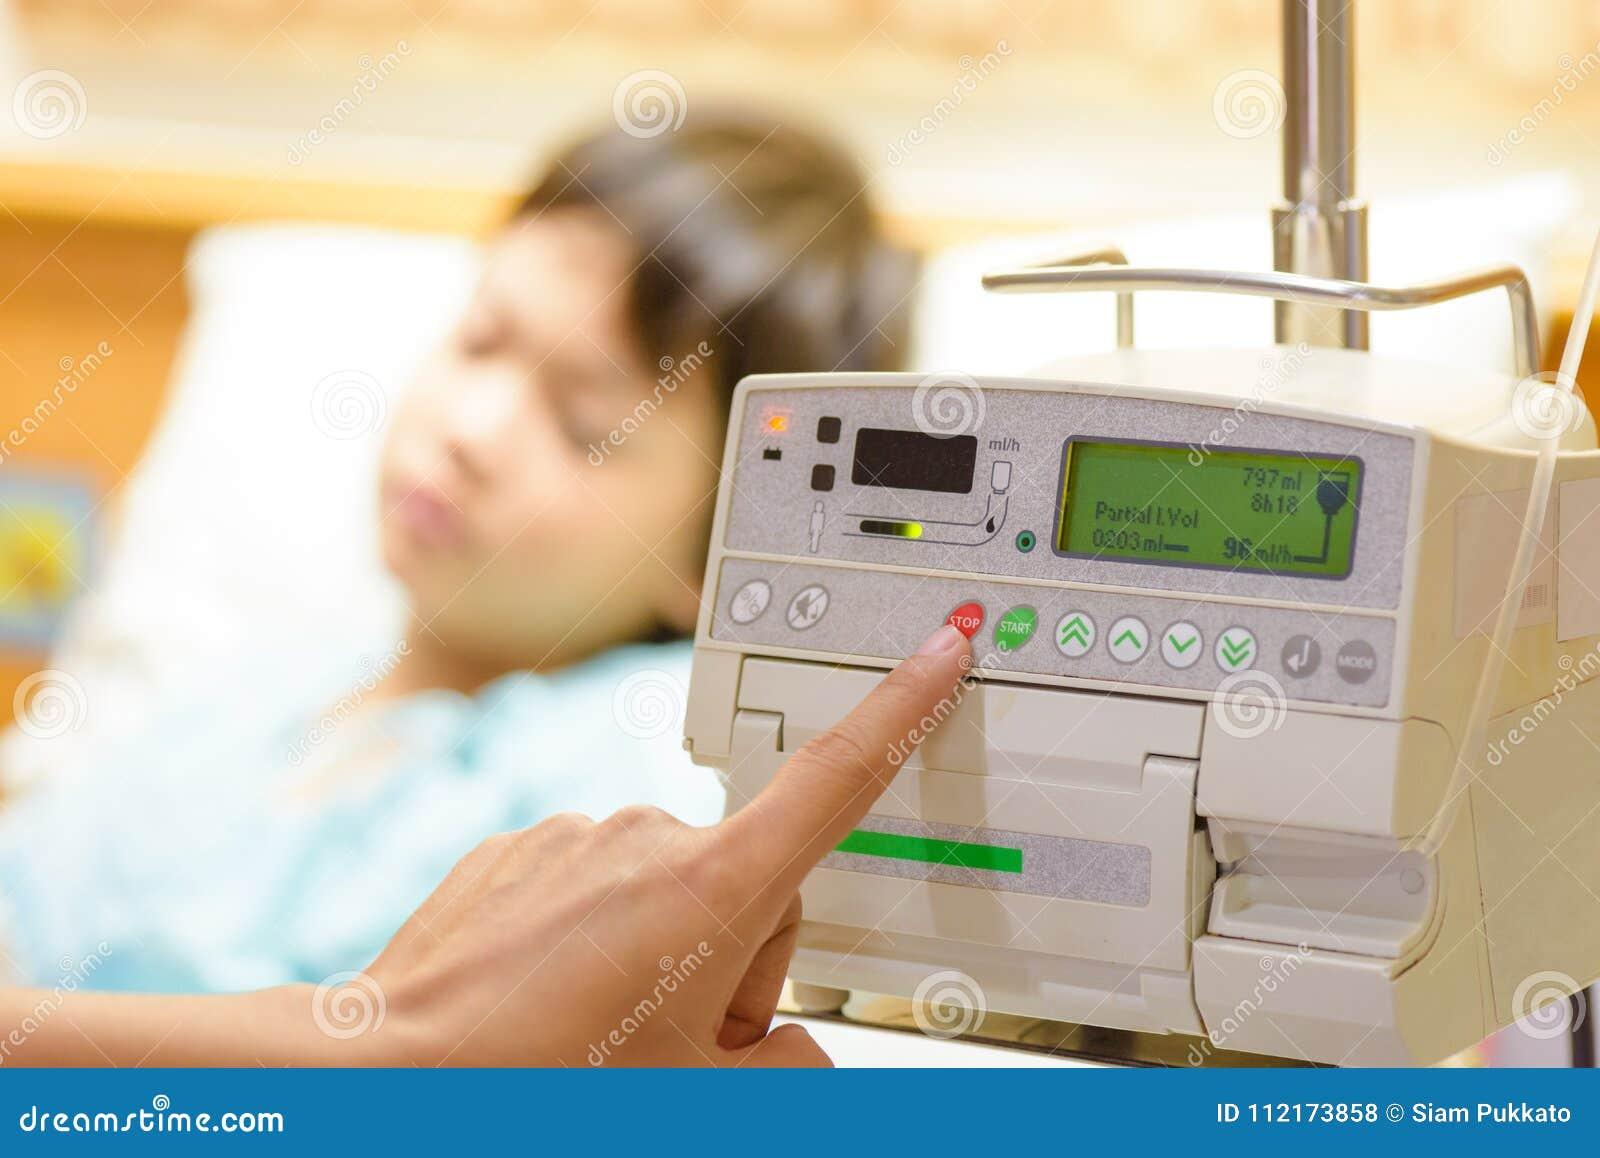 护理` s手按在注入泵浦静脉注射IV滴水